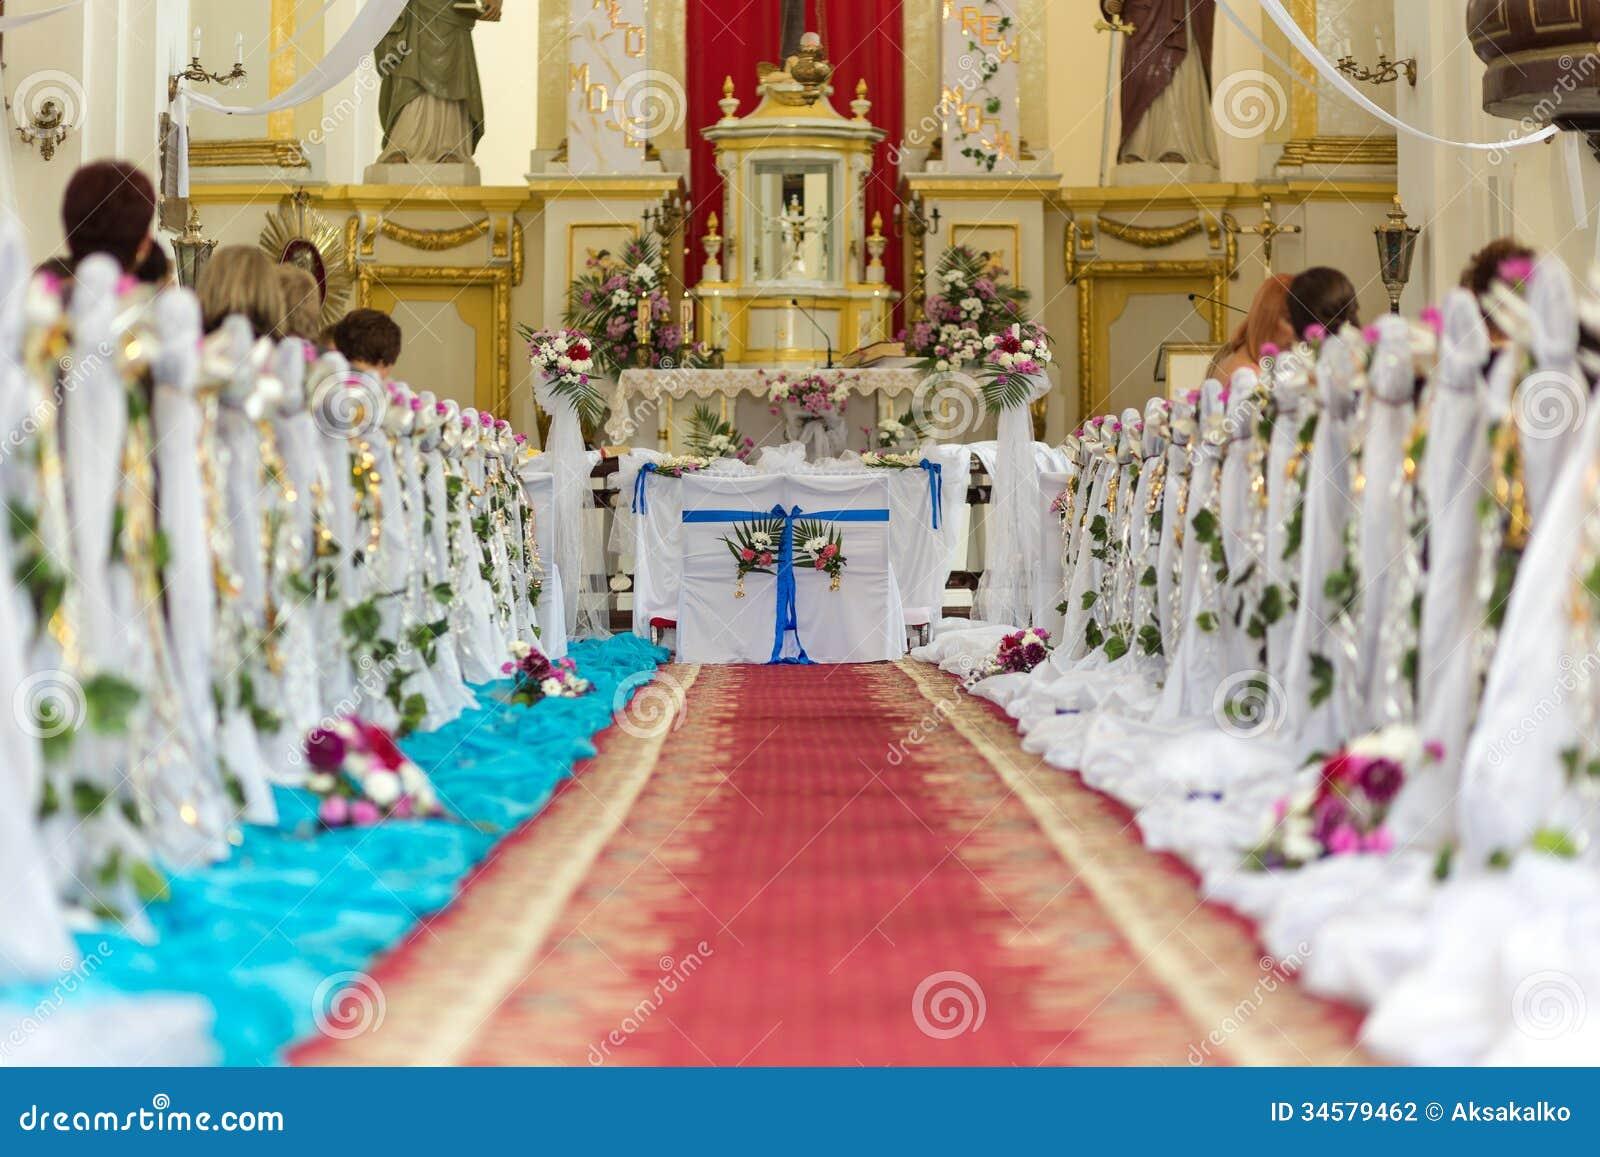 Kirche ist zur Hochzeitszeremonie bereit